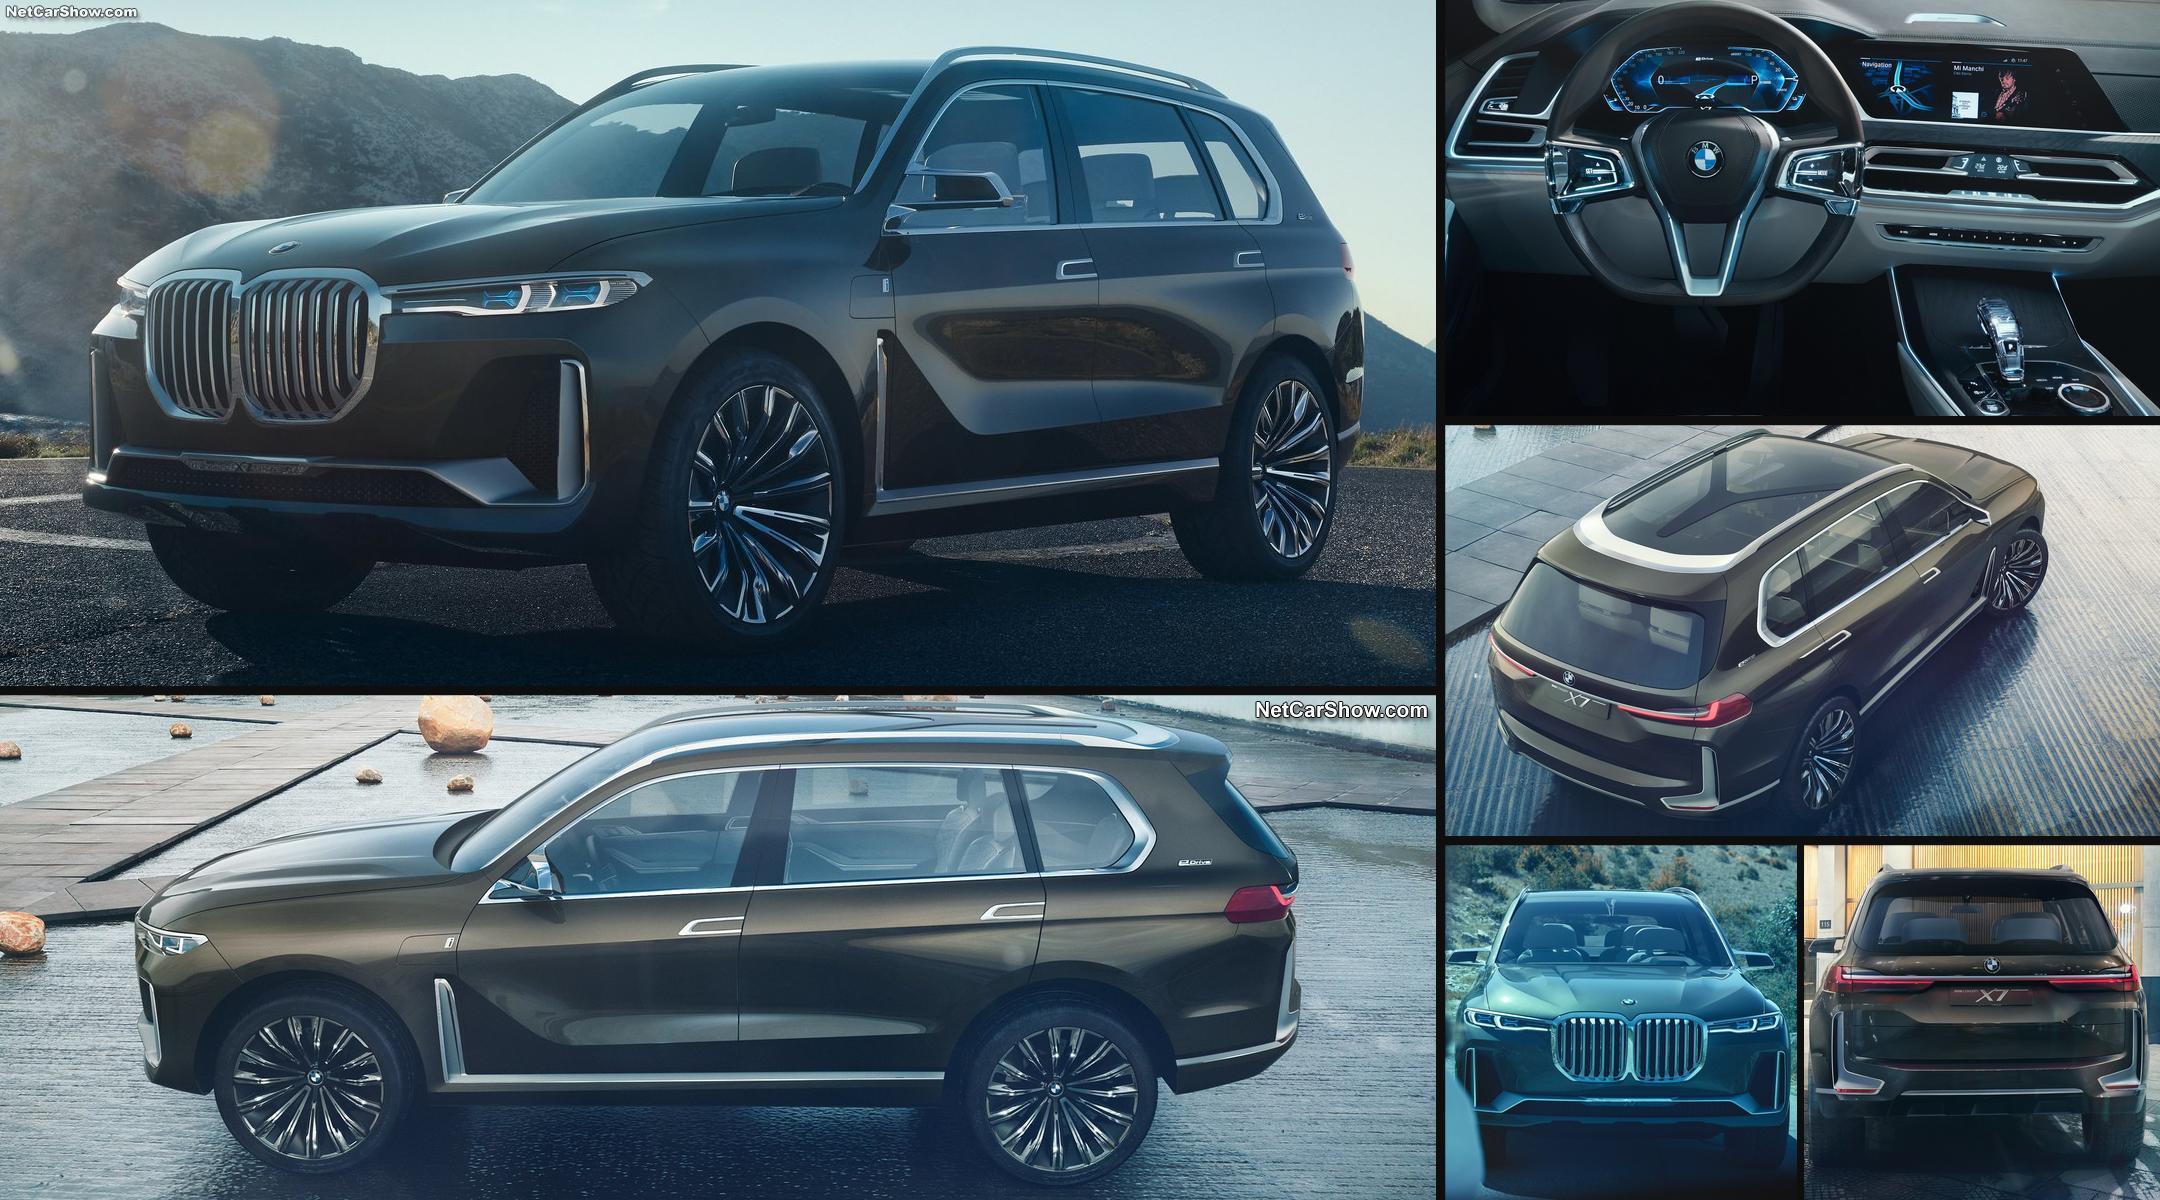 Ngắm BMW X7 iPerformance tại triển lãm Frankfurt: rộng rãi và tinh tế - Ảnh 7.